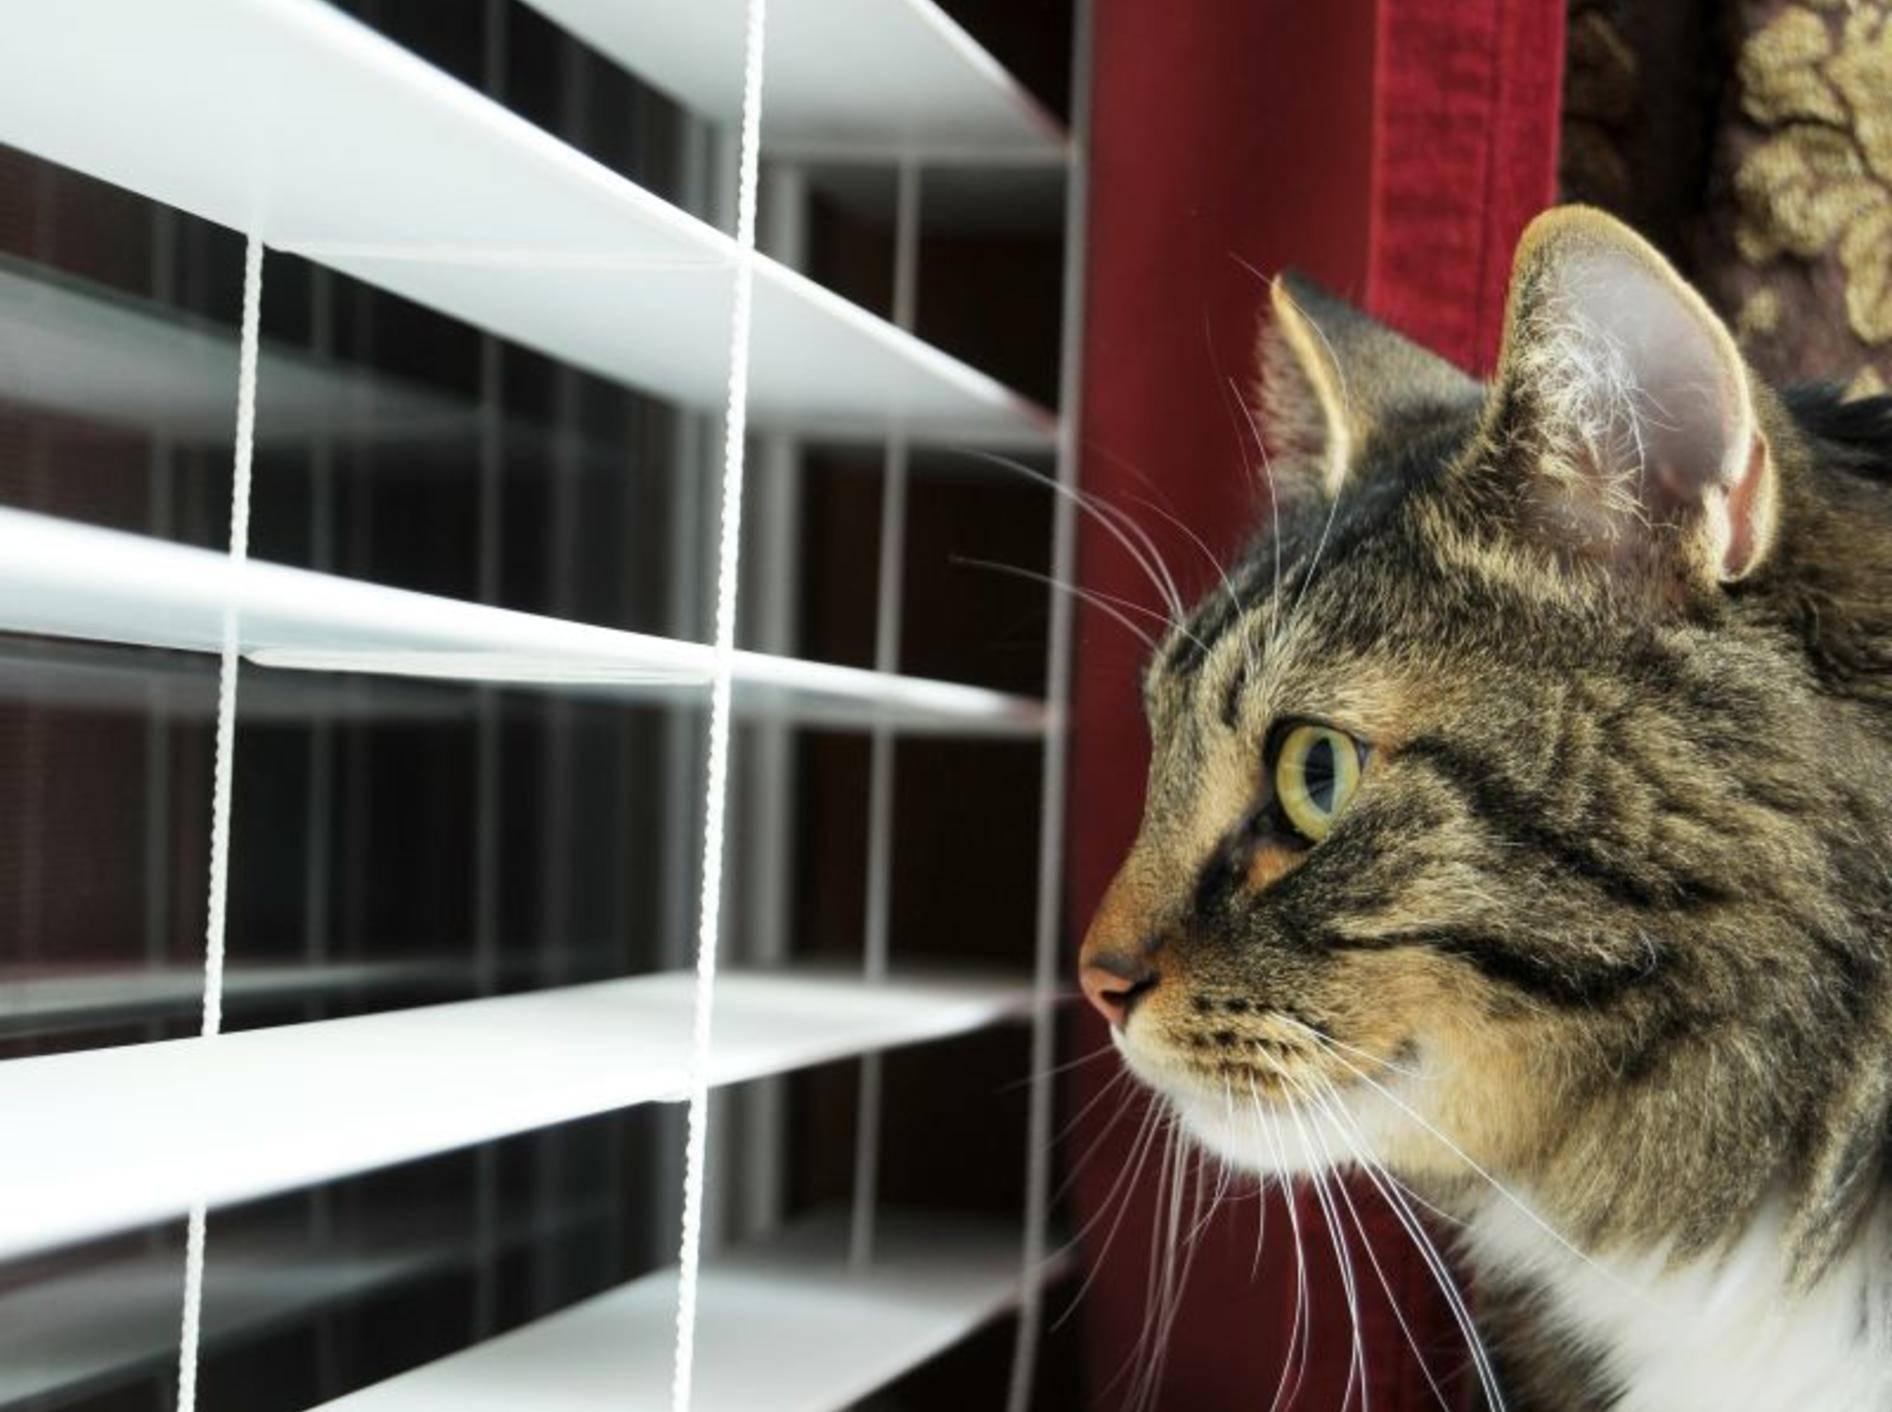 Einzelhaltung: Viele Katzen langweilen sich ohne Artgenossen – Bild: Shutterstock / Vlue